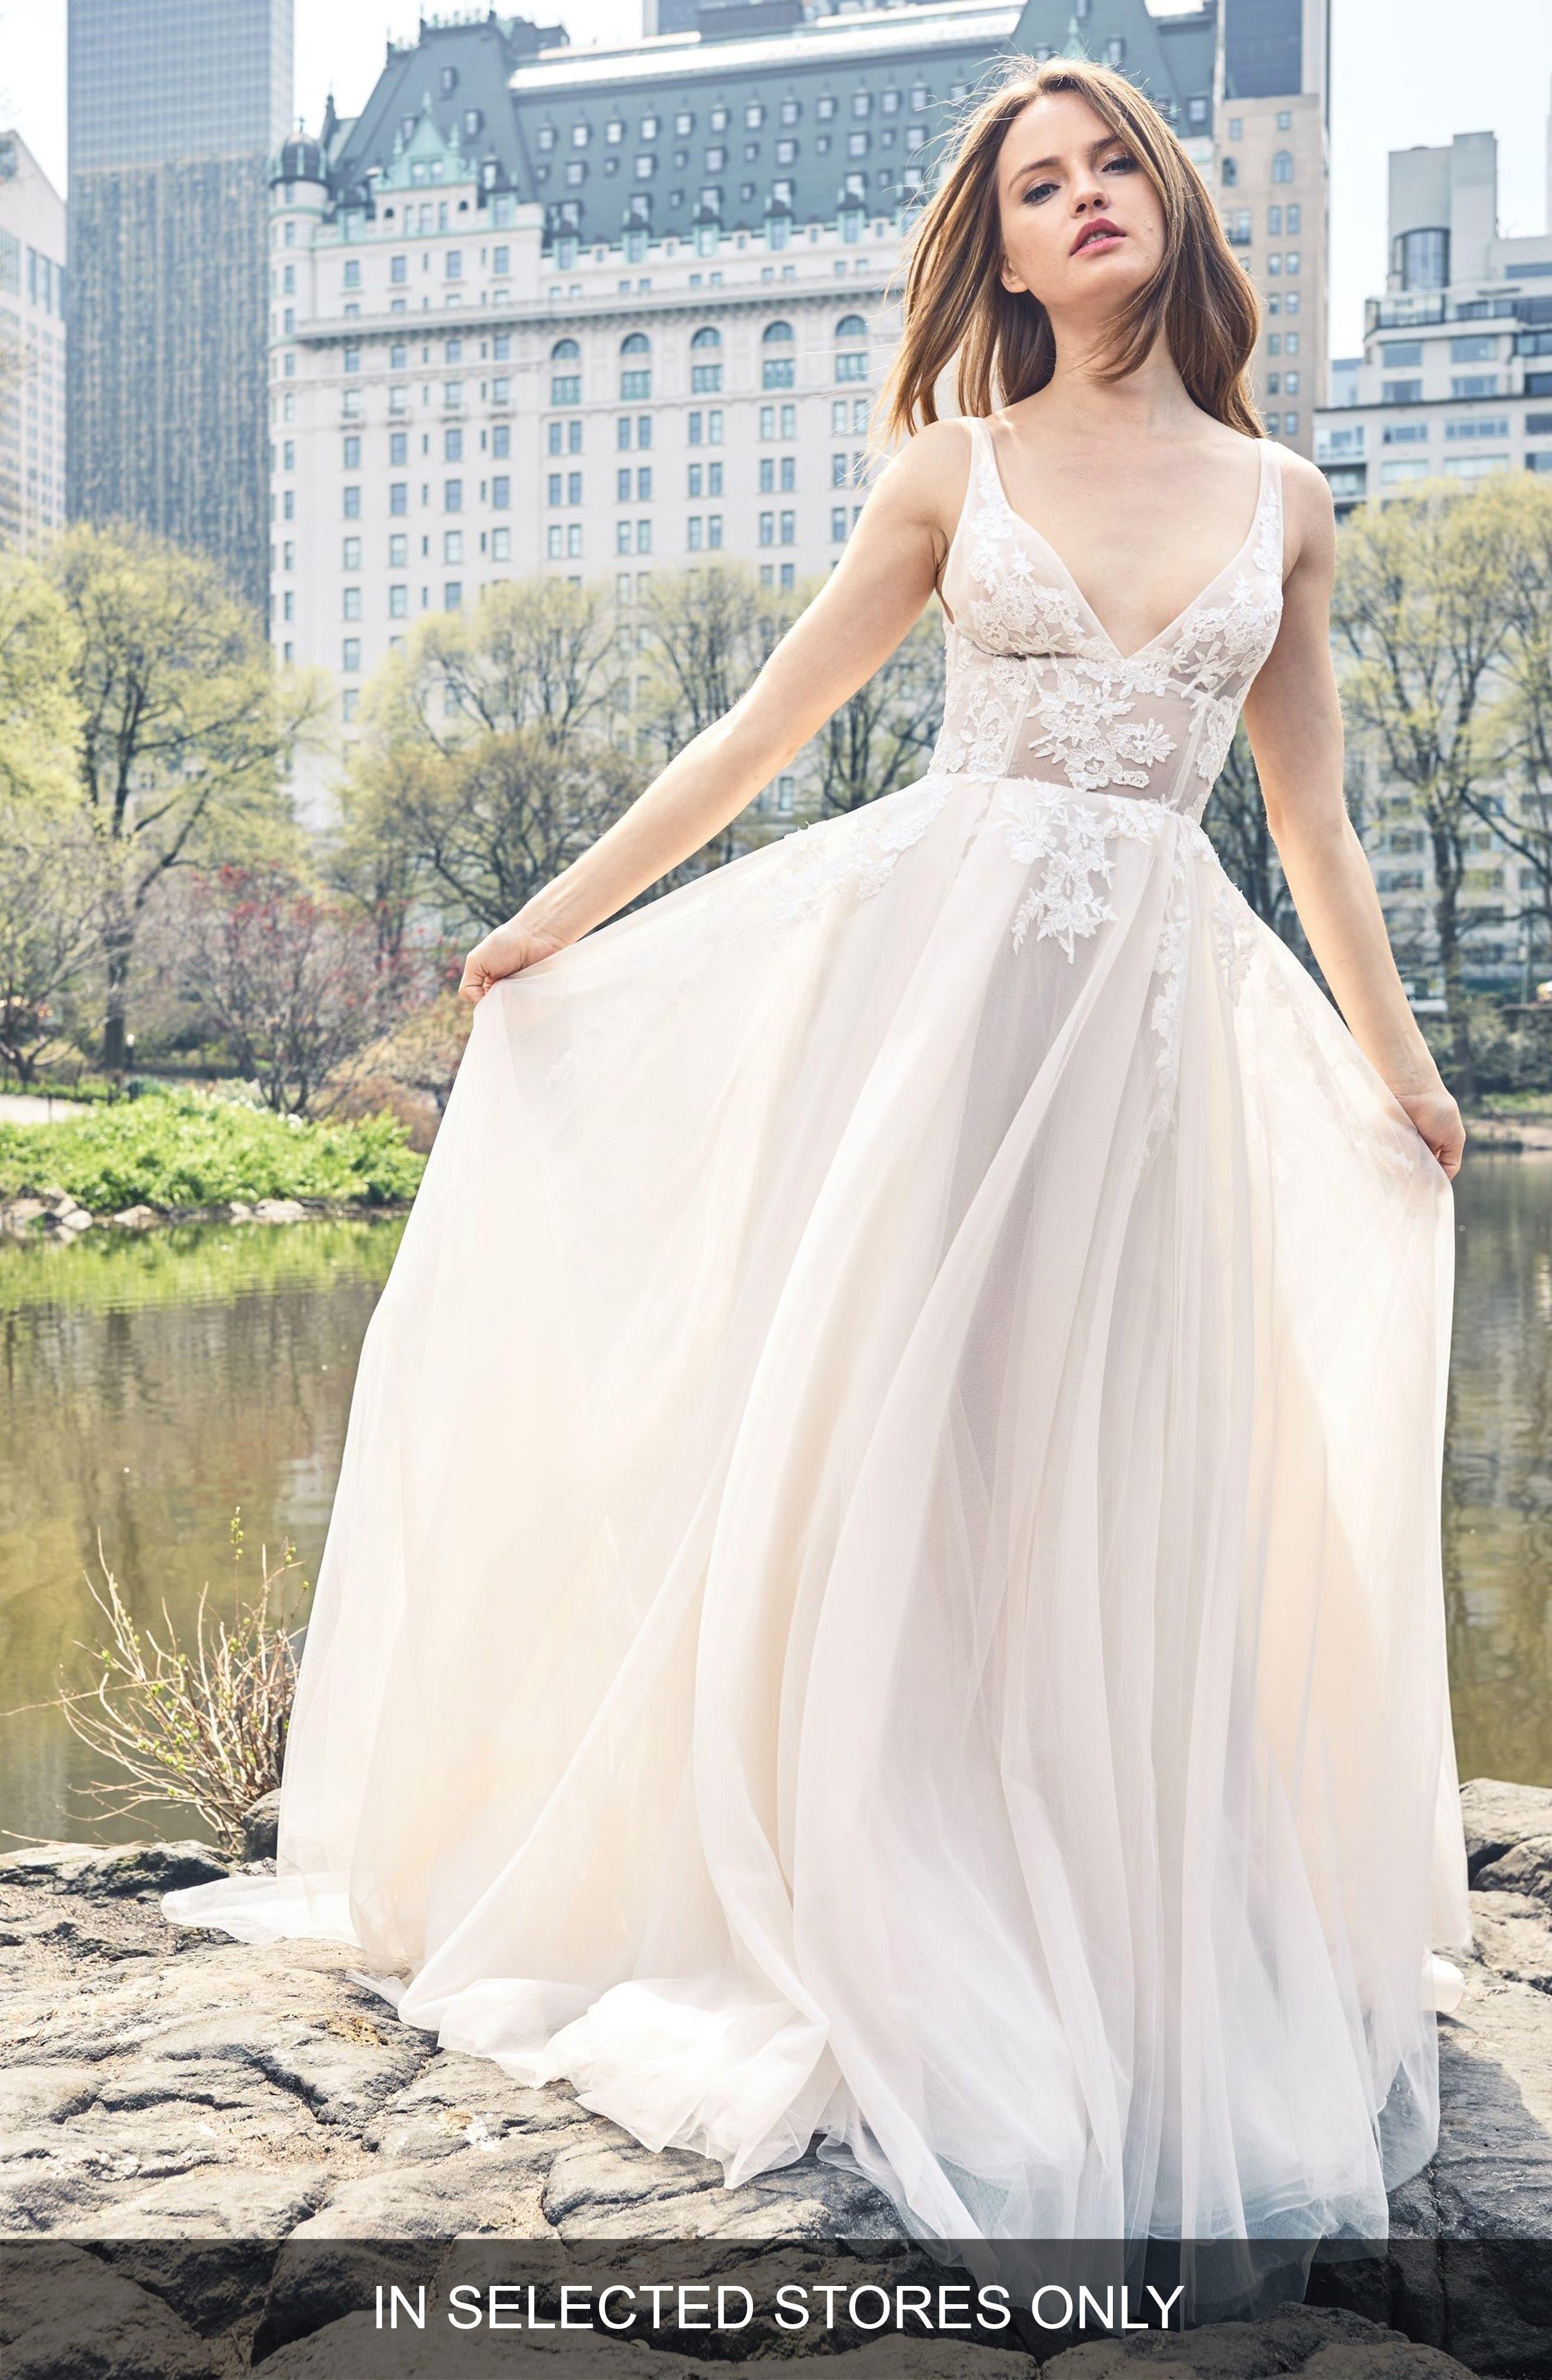 BLISS Monique Lhuillier Lace Appliqué A-Line Gown